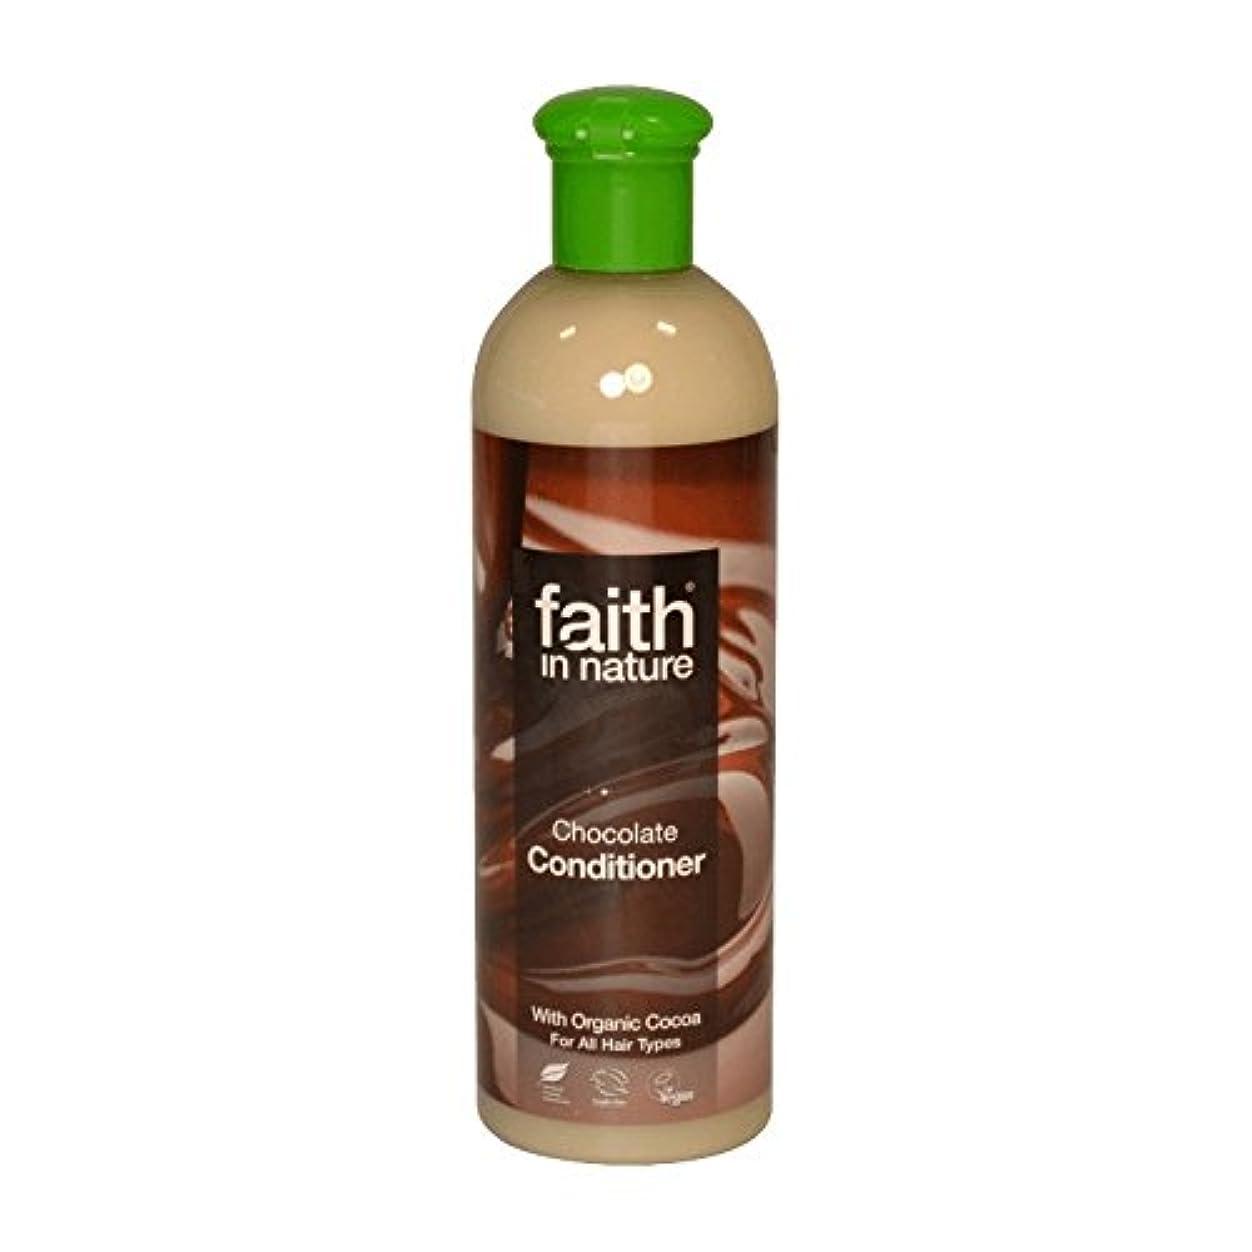 グラディス郵便物コショウ自然チョコレートコンディショナー400ミリリットルの信仰 - Faith In Nature Chocolate Conditioner 400ml (Faith in Nature) [並行輸入品]